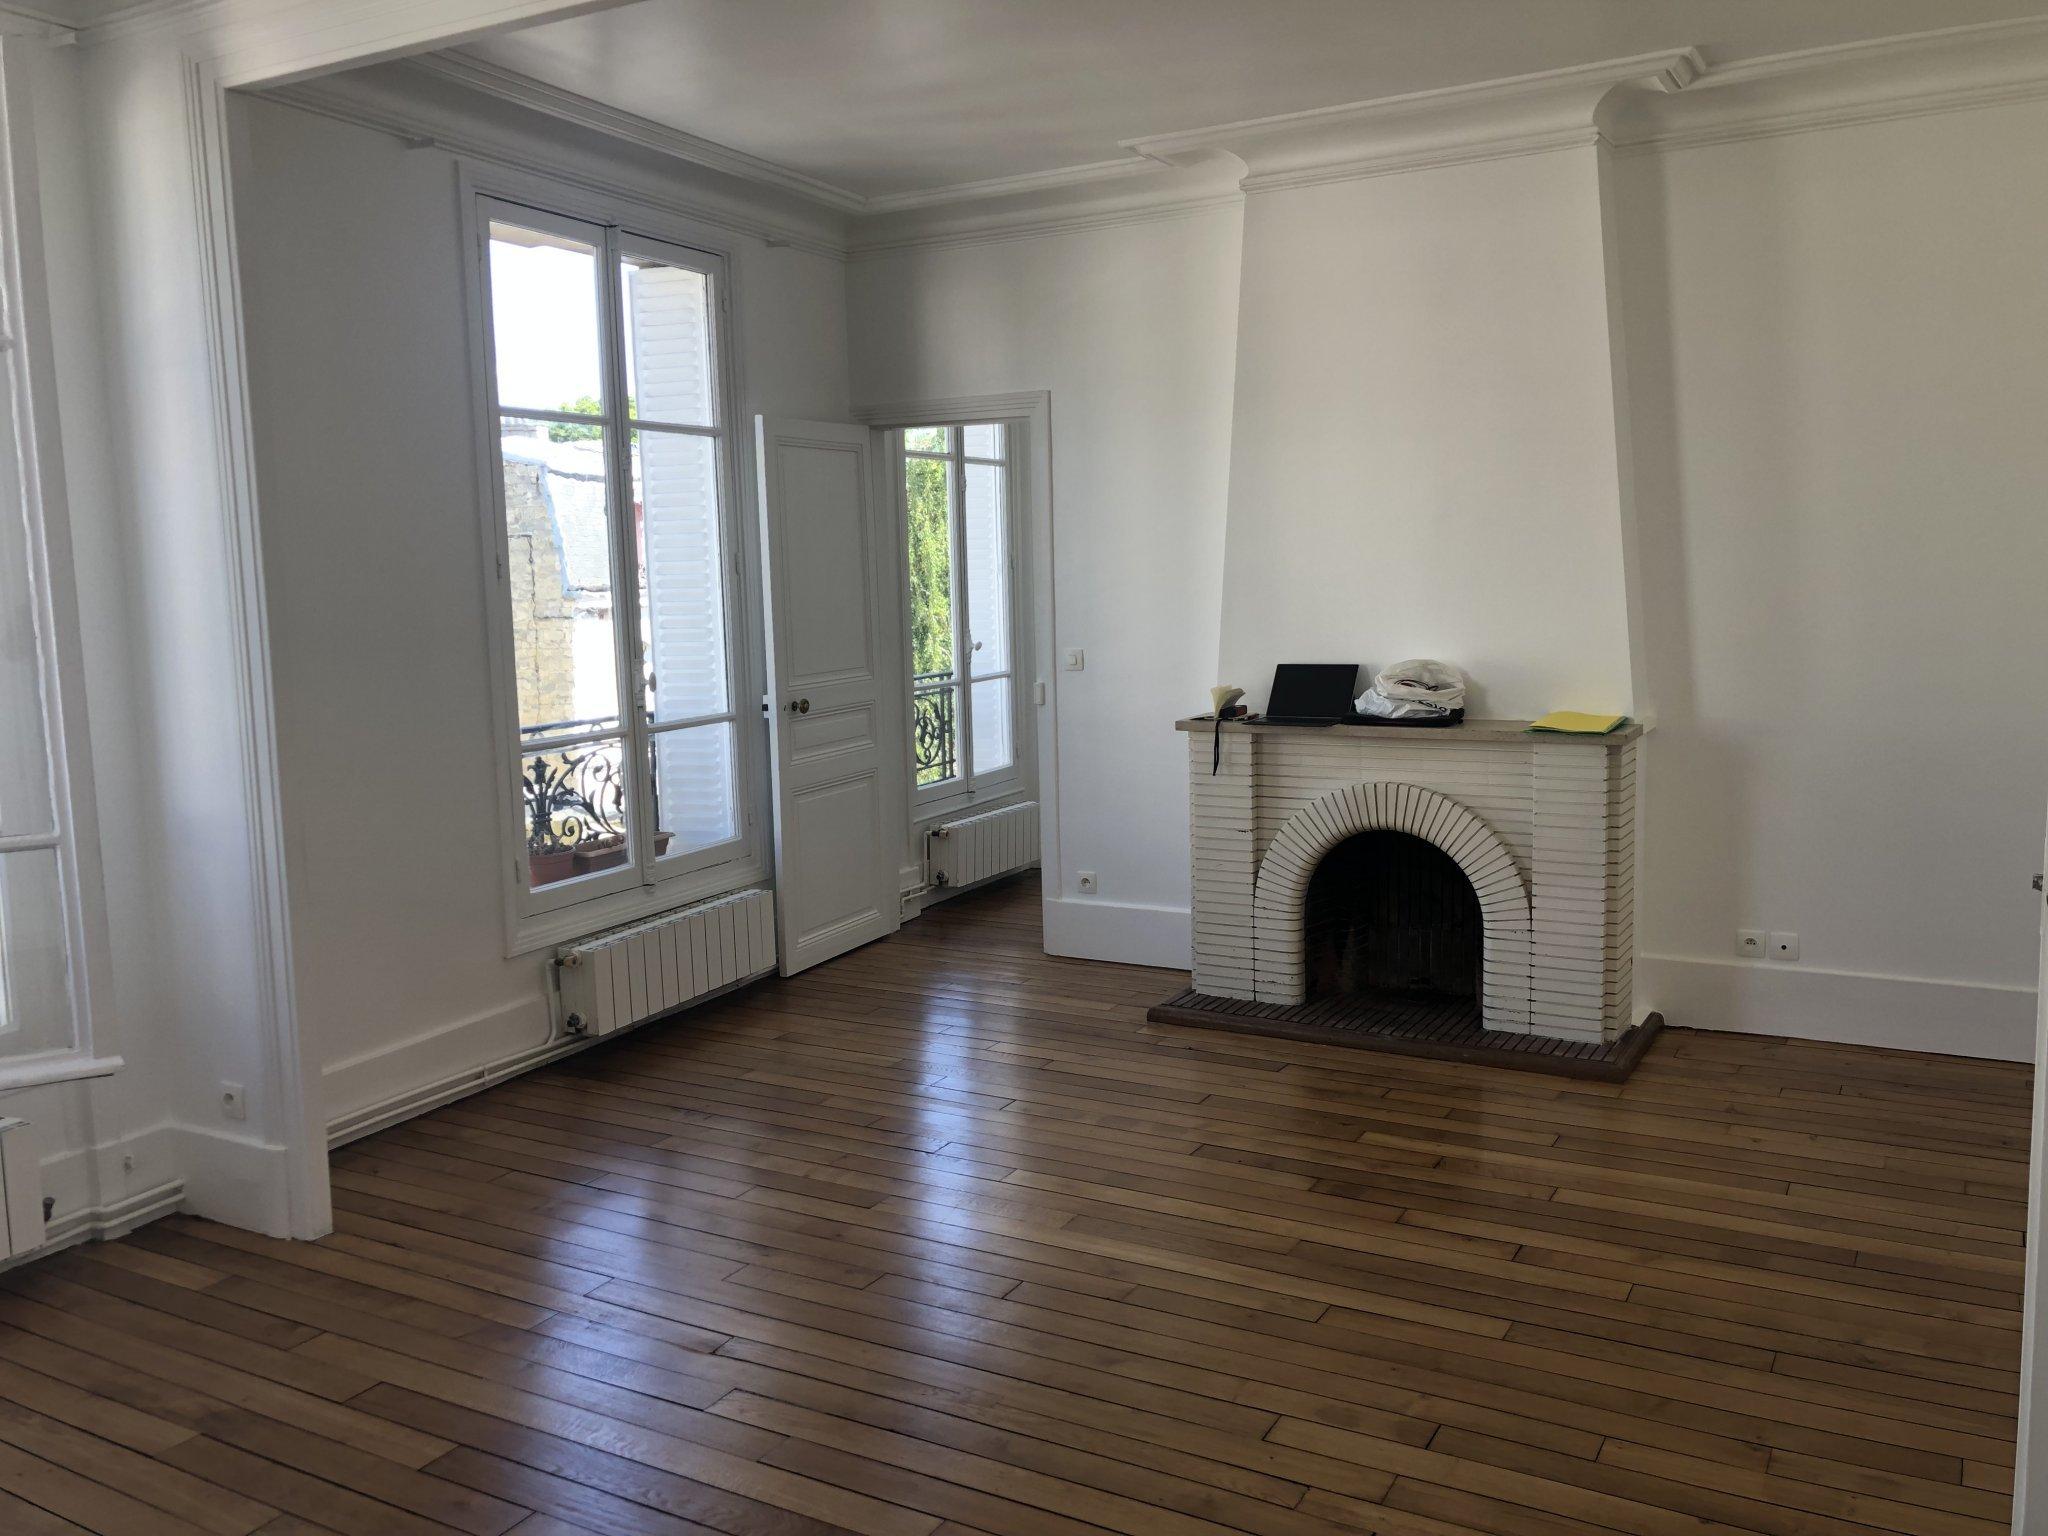 Appartement a louer houilles - 4 pièce(s) - 73 m2 - Surfyn